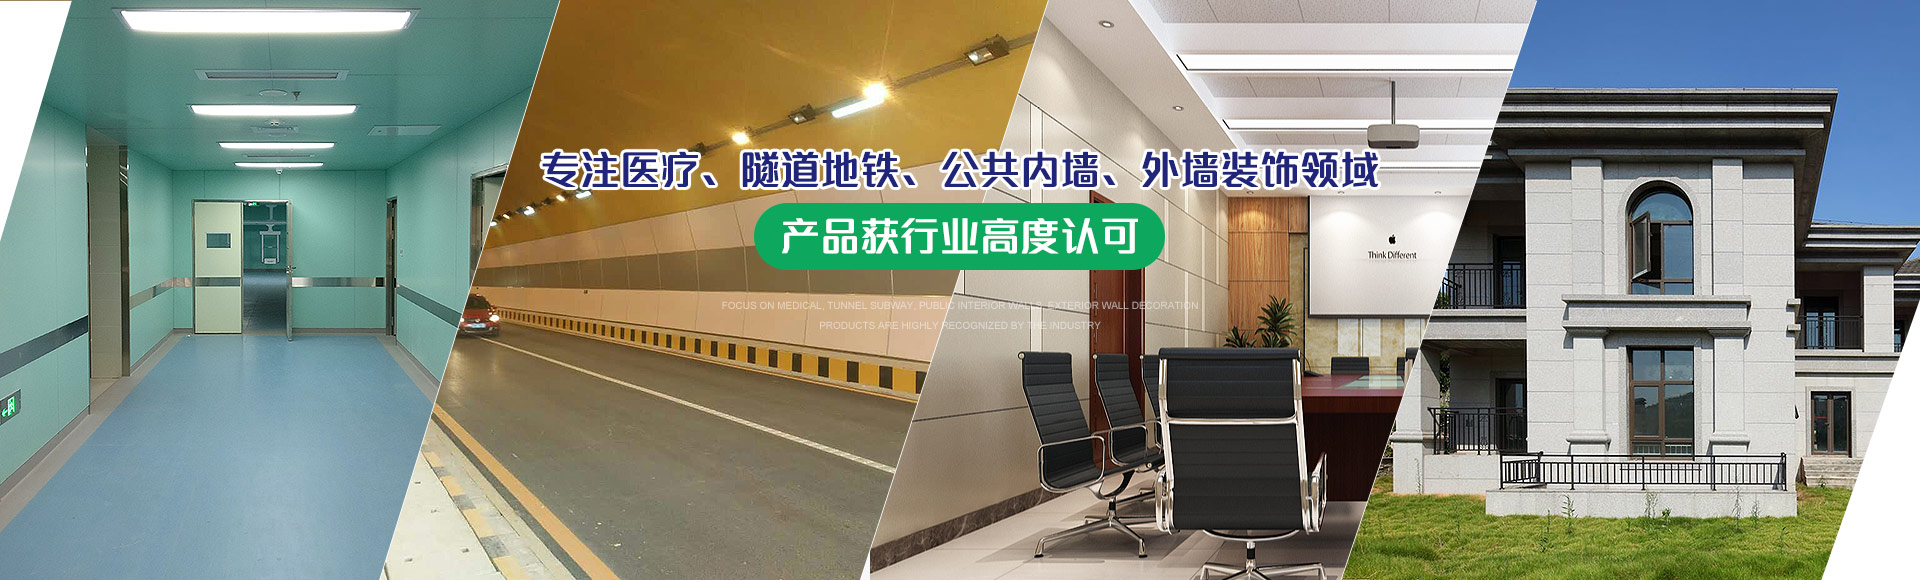 鲁泰建材专注医疗,隧道地铁,公共内墙,外墙装饰领域